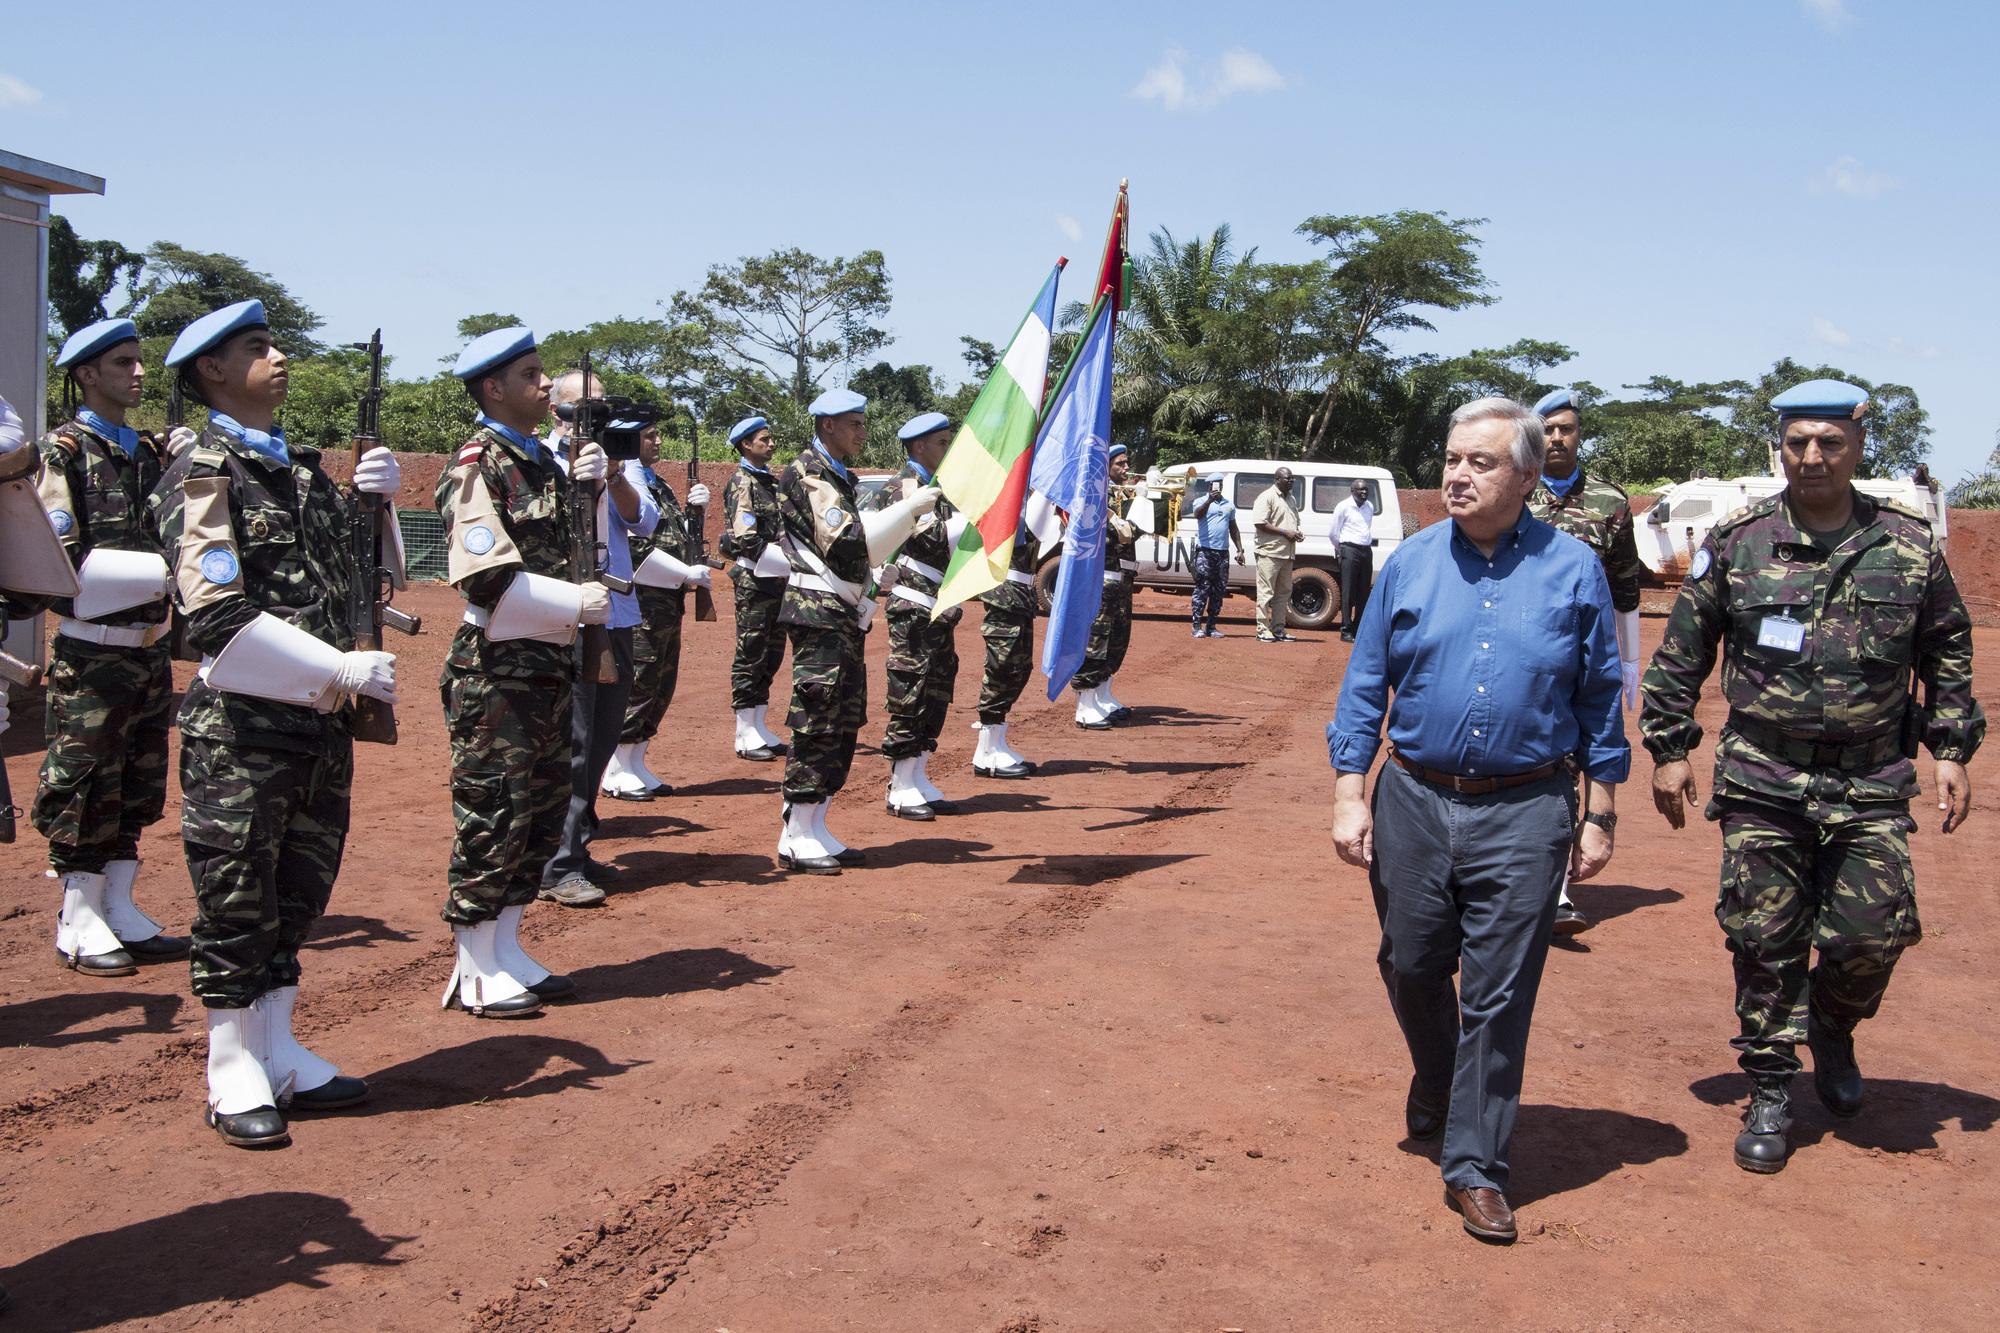 Le secrétaire général des Nations unies, au camp de Bangassou, en Centrafrique, le 25octobre, avant la cérémonie enl'honneur des Casques bleus marocains et cambodgiens de la Minusca tués dans une embuscade en mai.